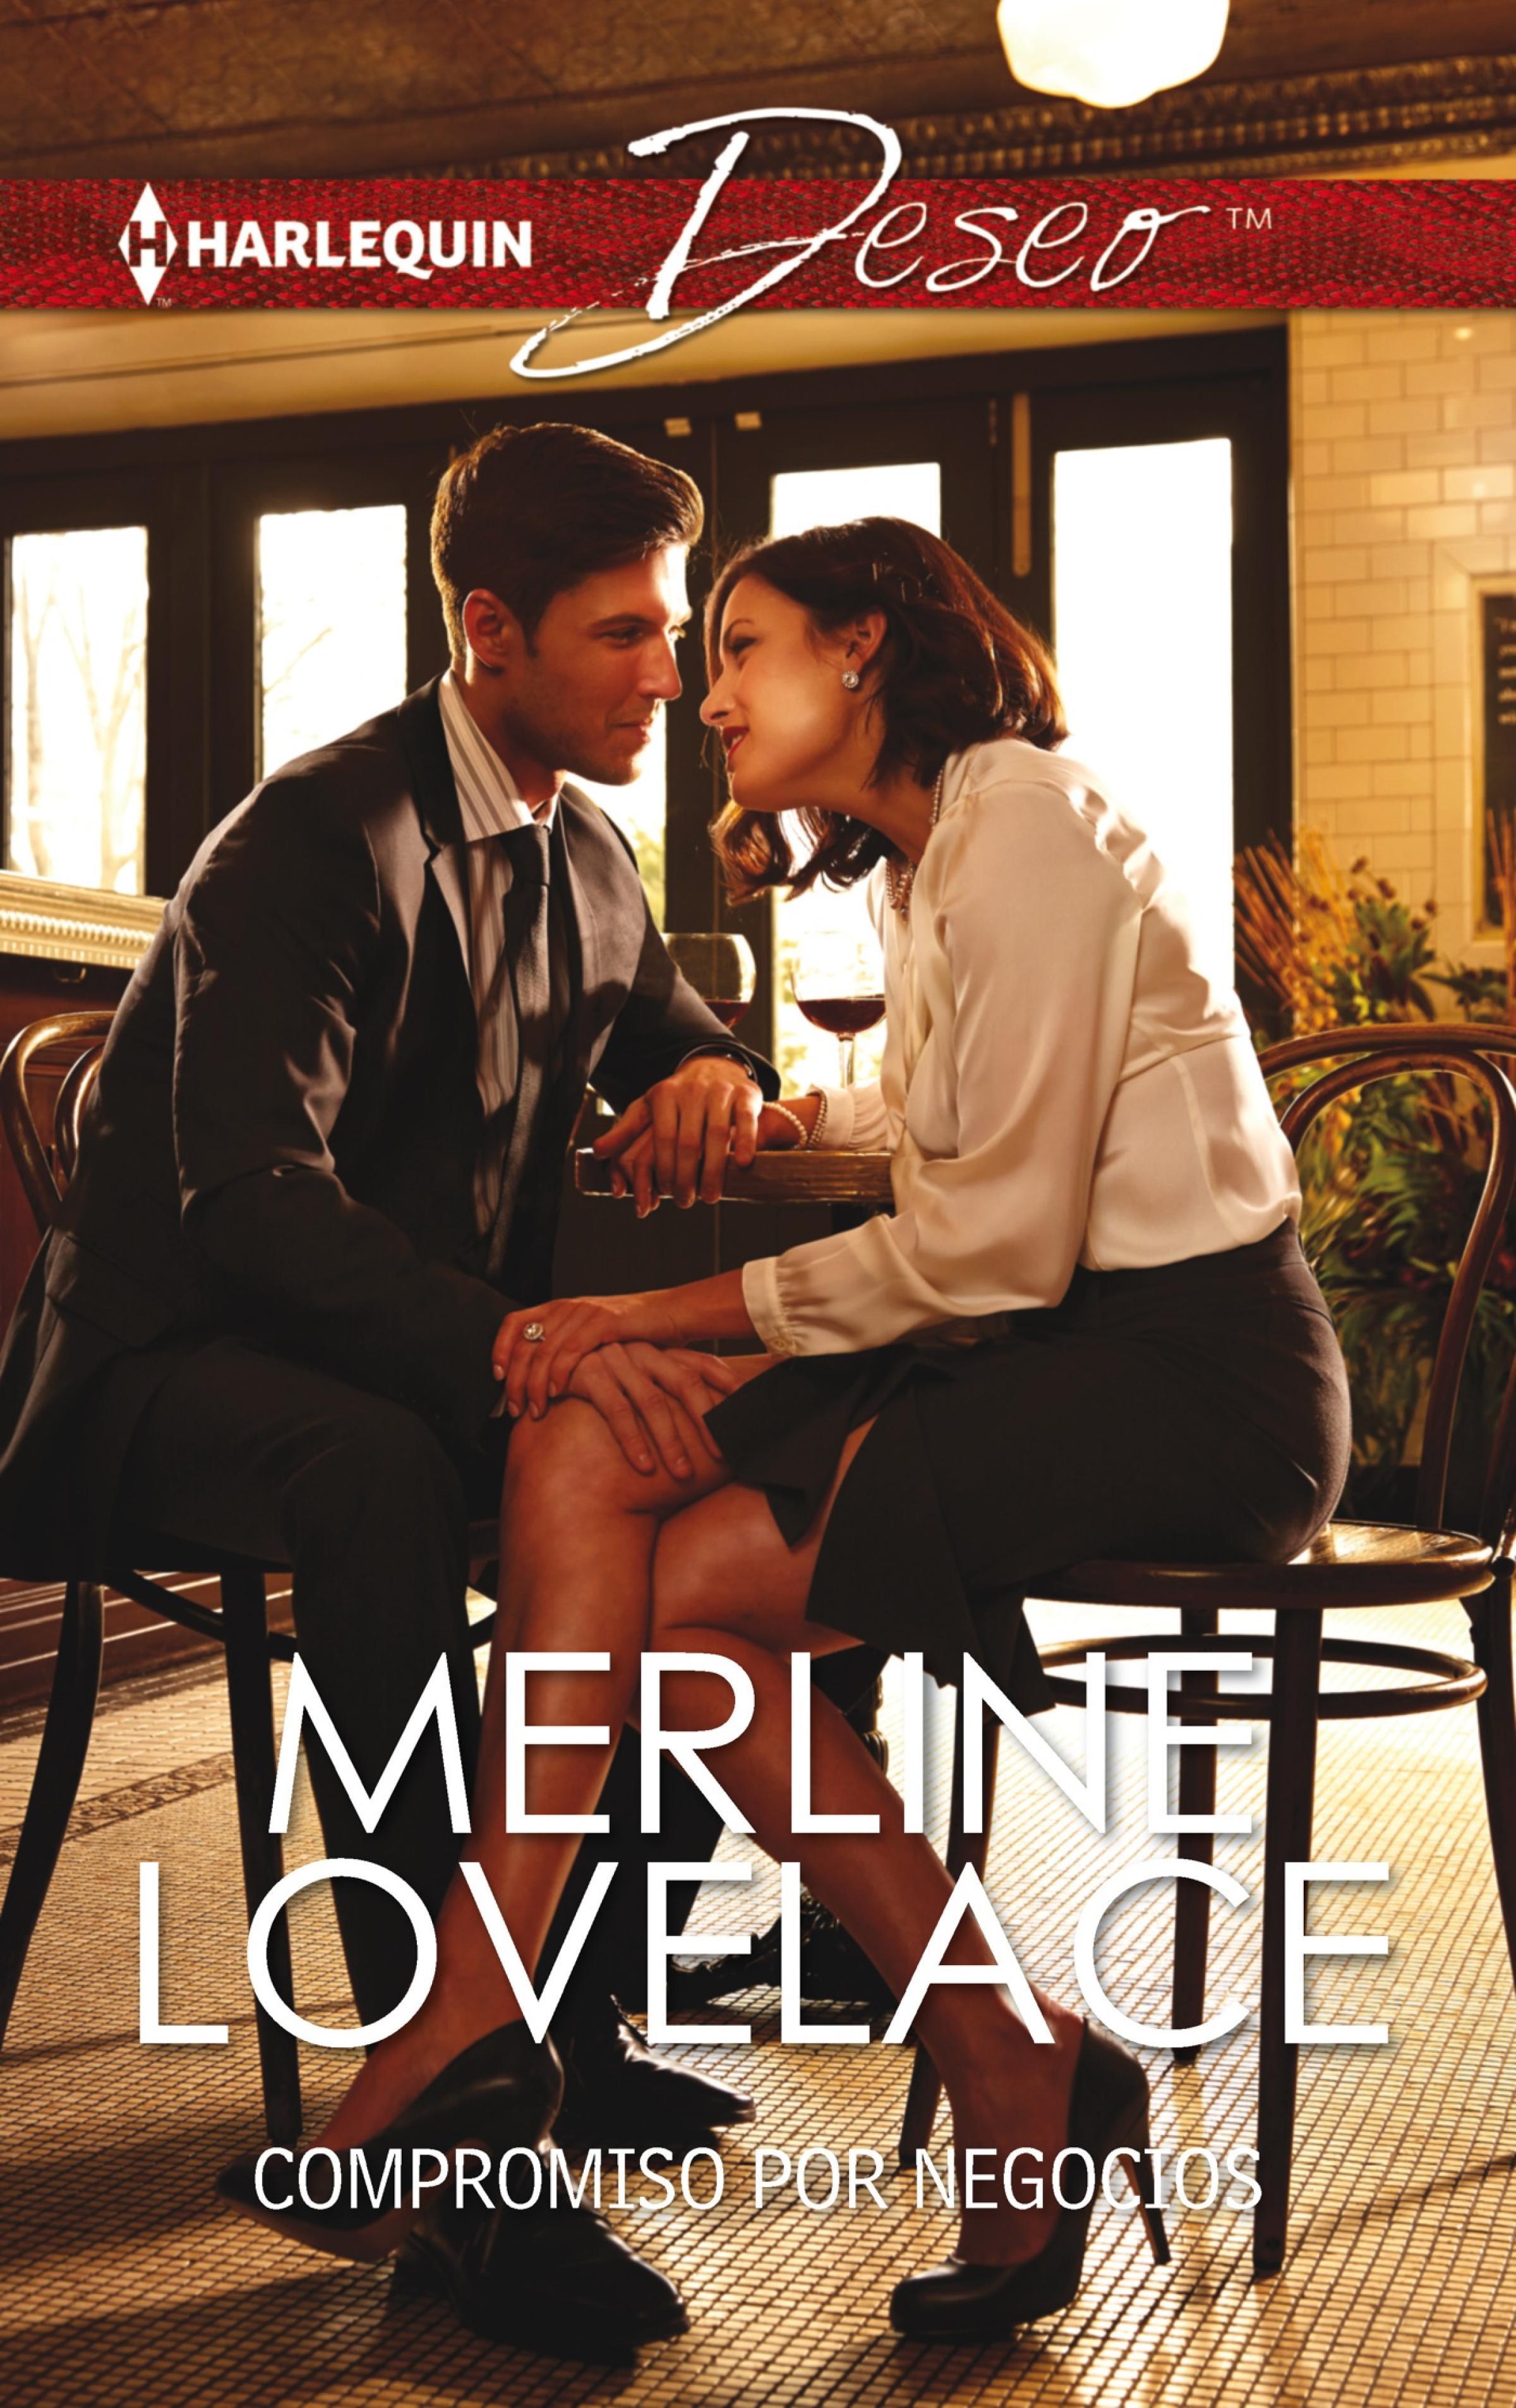 Merline Lovelace Compromiso por negocios o cinema pensa os negocios e os negocios o cinema